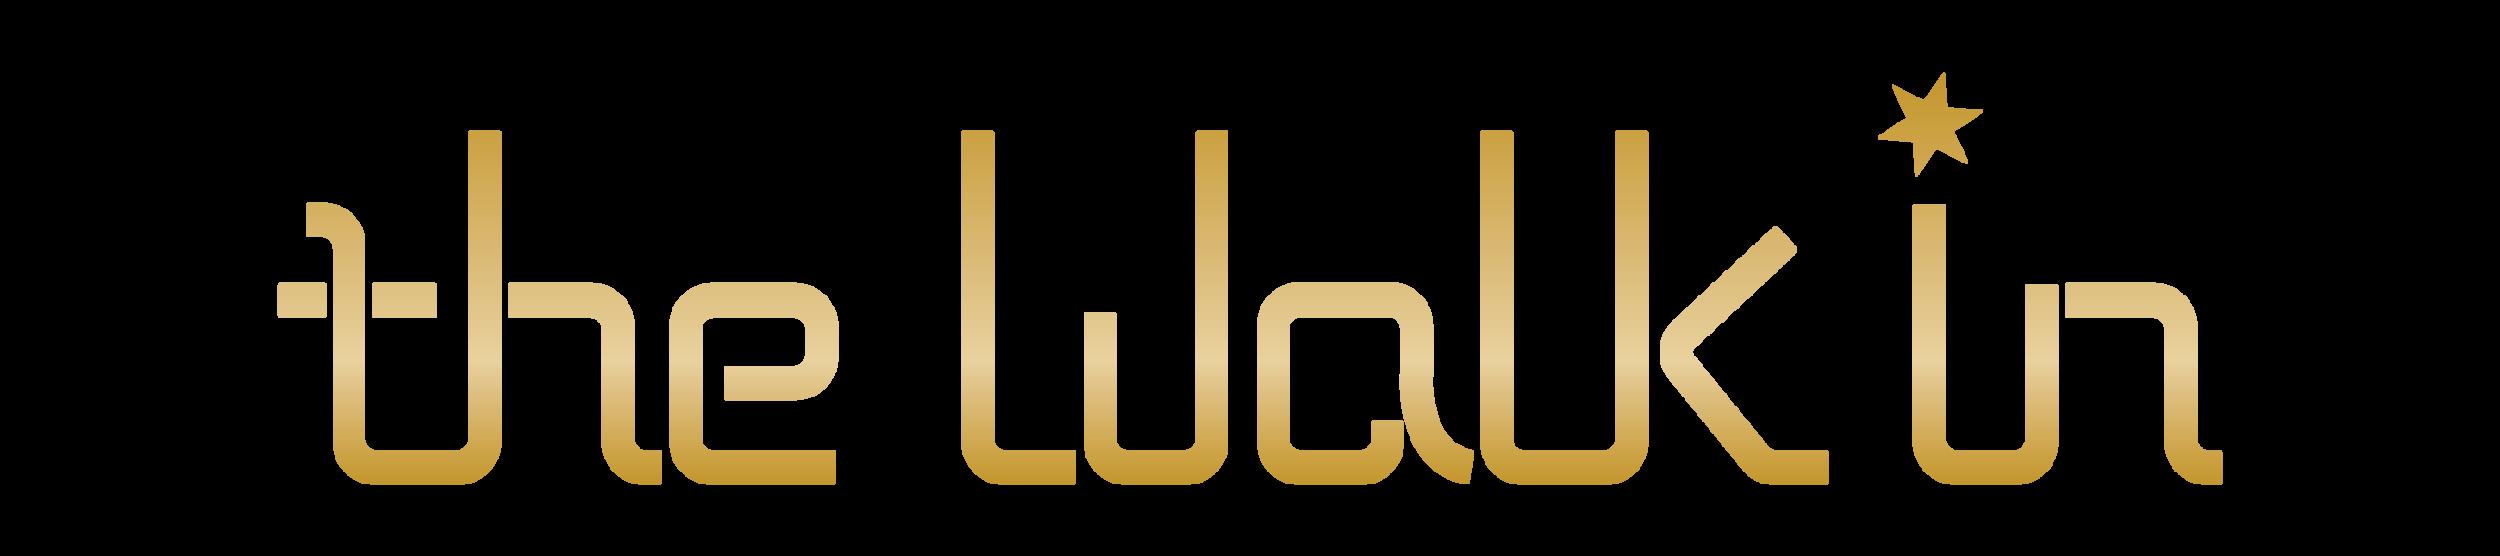 TWI_Logo-02.png